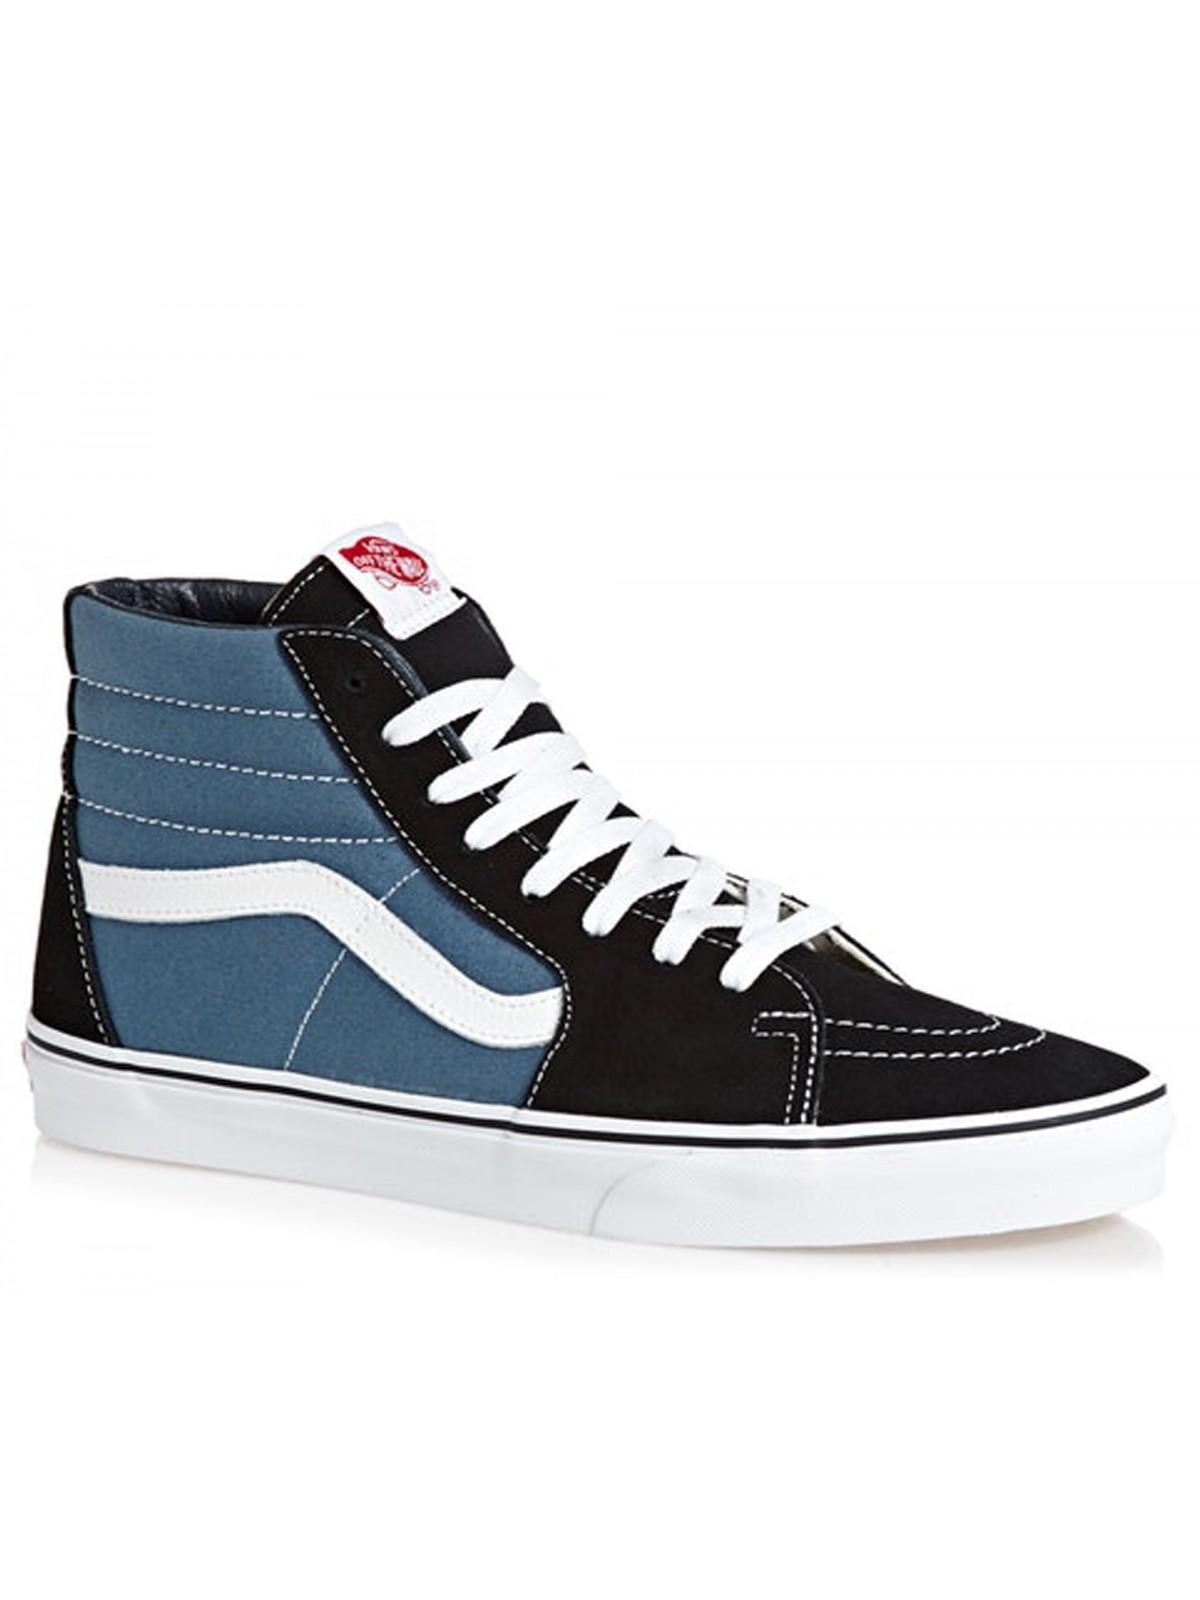 Vans Sk8 navy blue